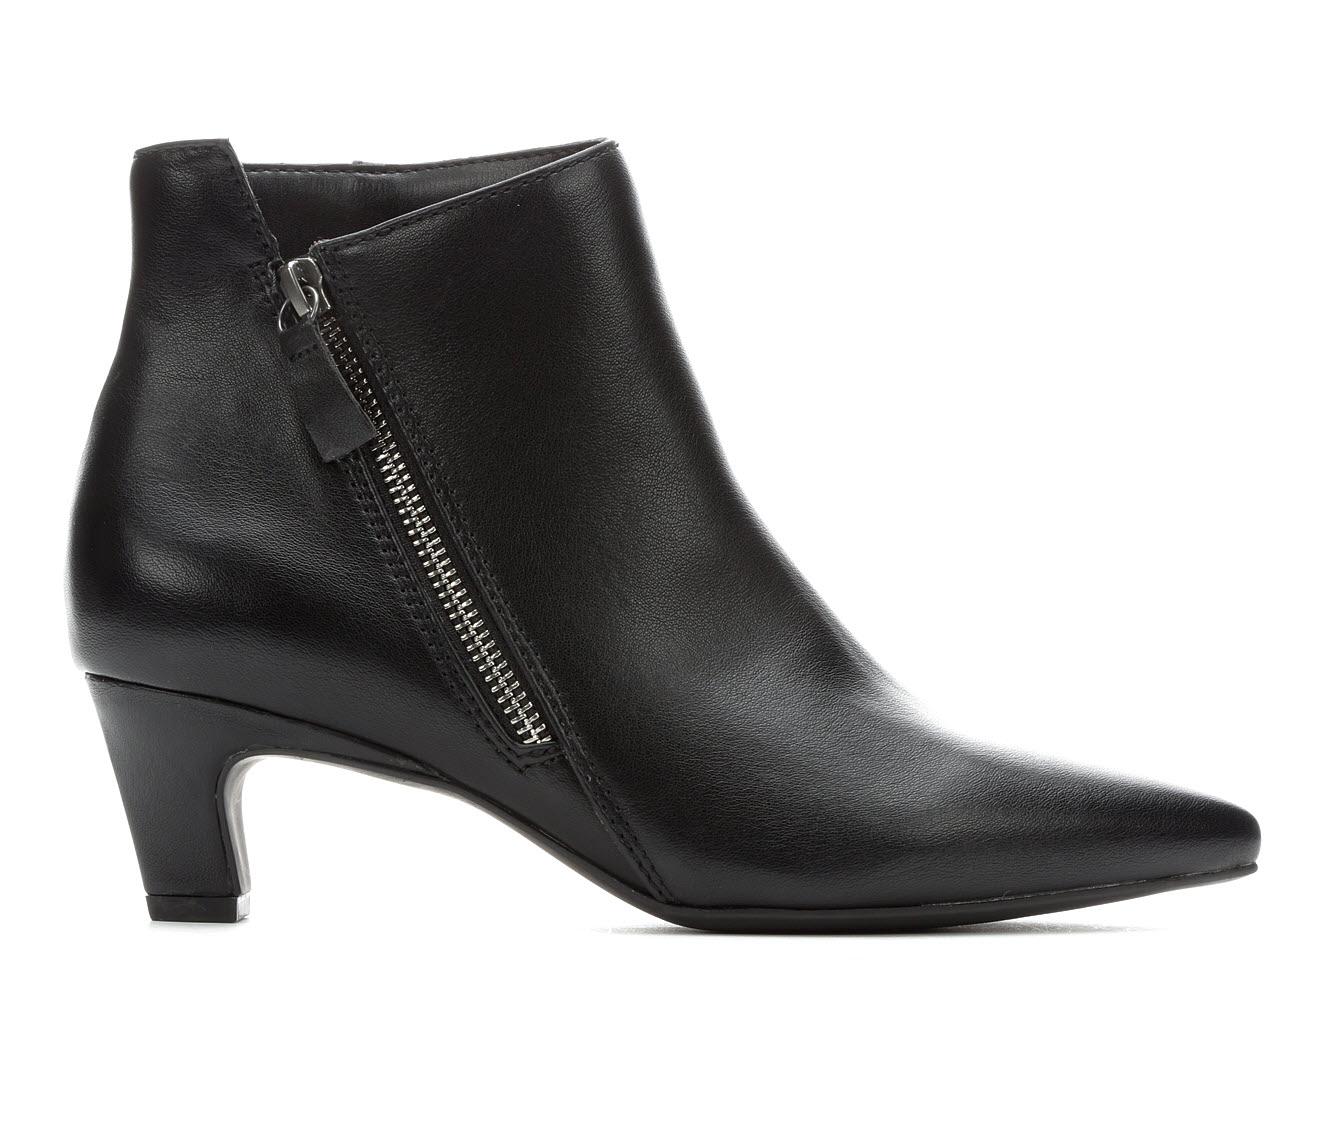 Seven Dials Coralie Women's Boots (Black - Faux Leather)